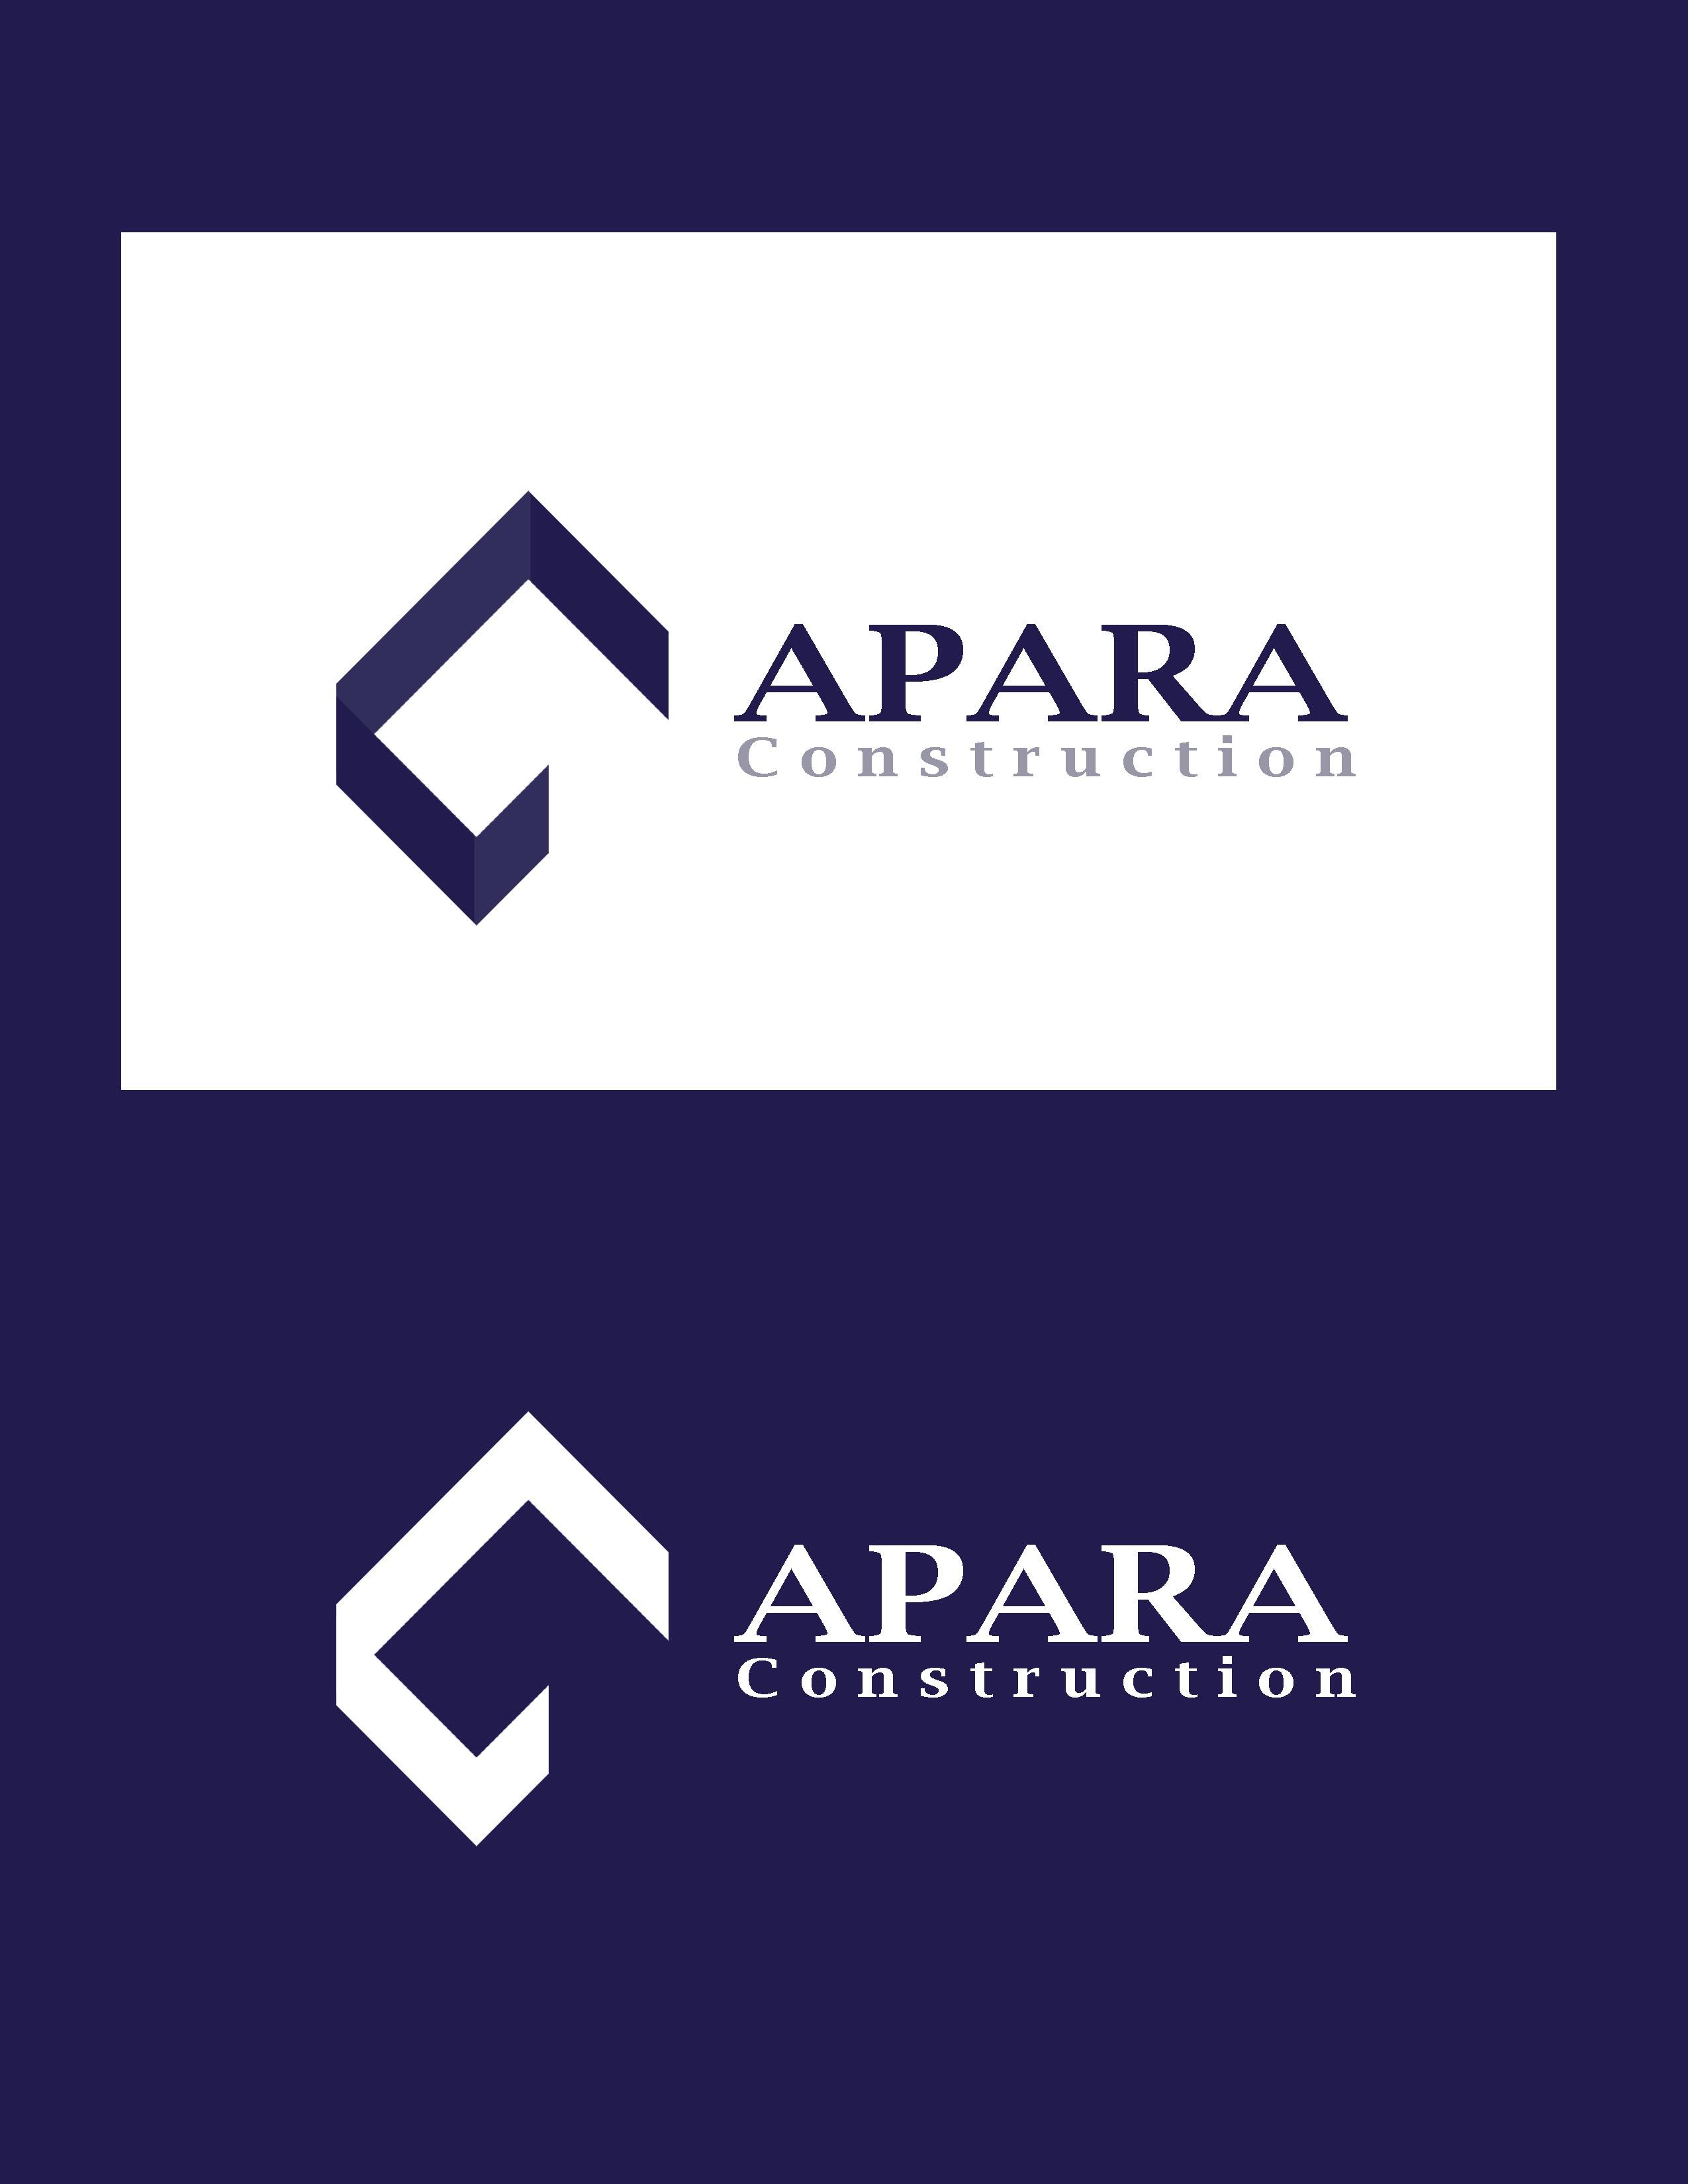 Logo Design by Allan Esclamado - Entry No. 204 in the Logo Design Contest Apara Construction Logo Design.